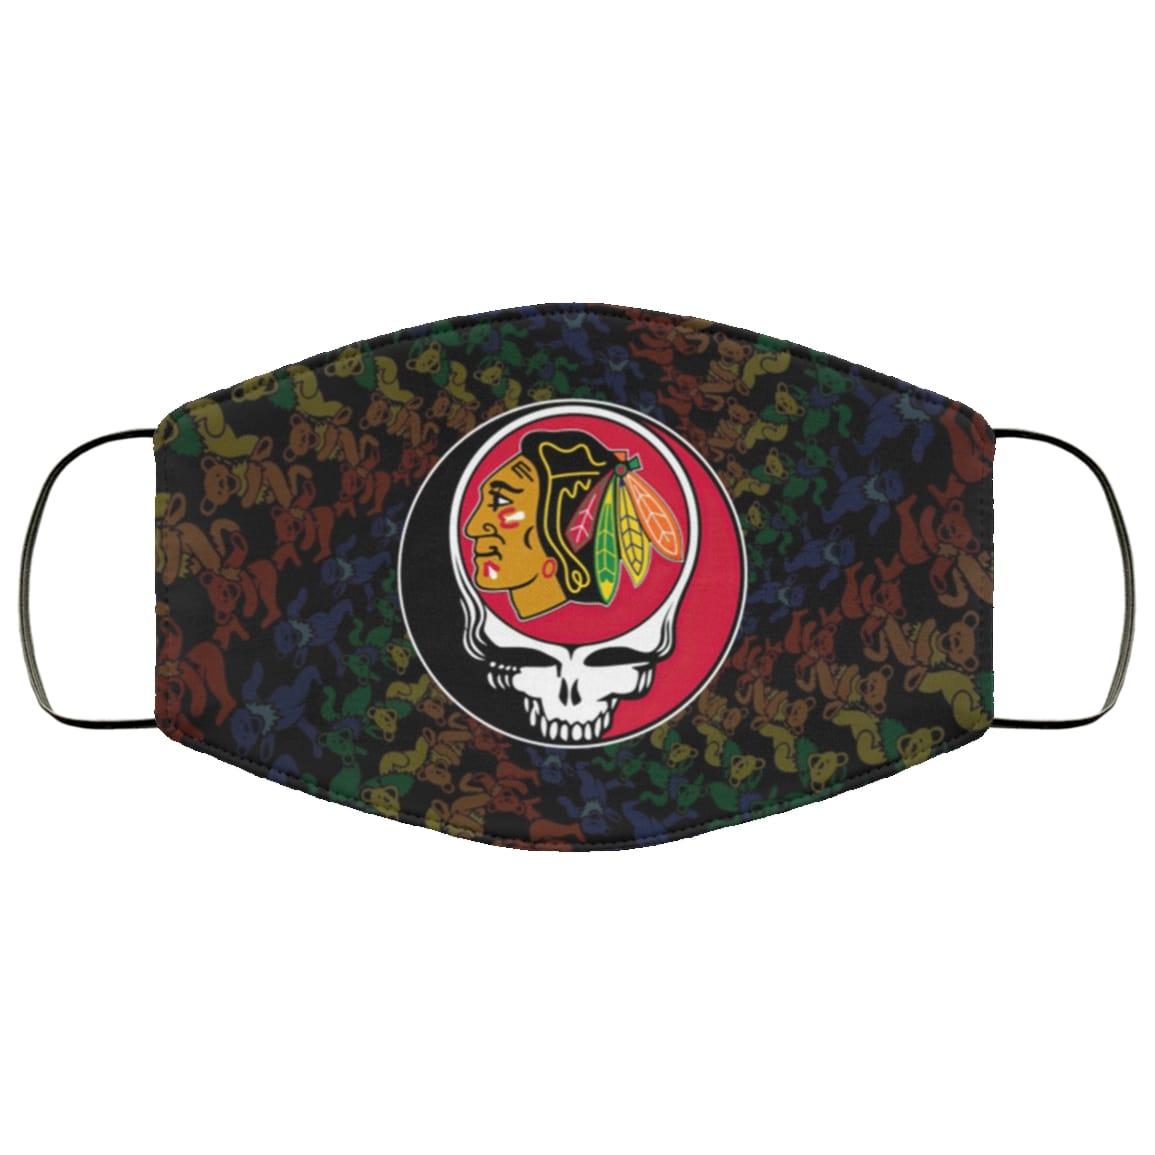 Grateful dead chicago blackhawks full over printed face mask 4